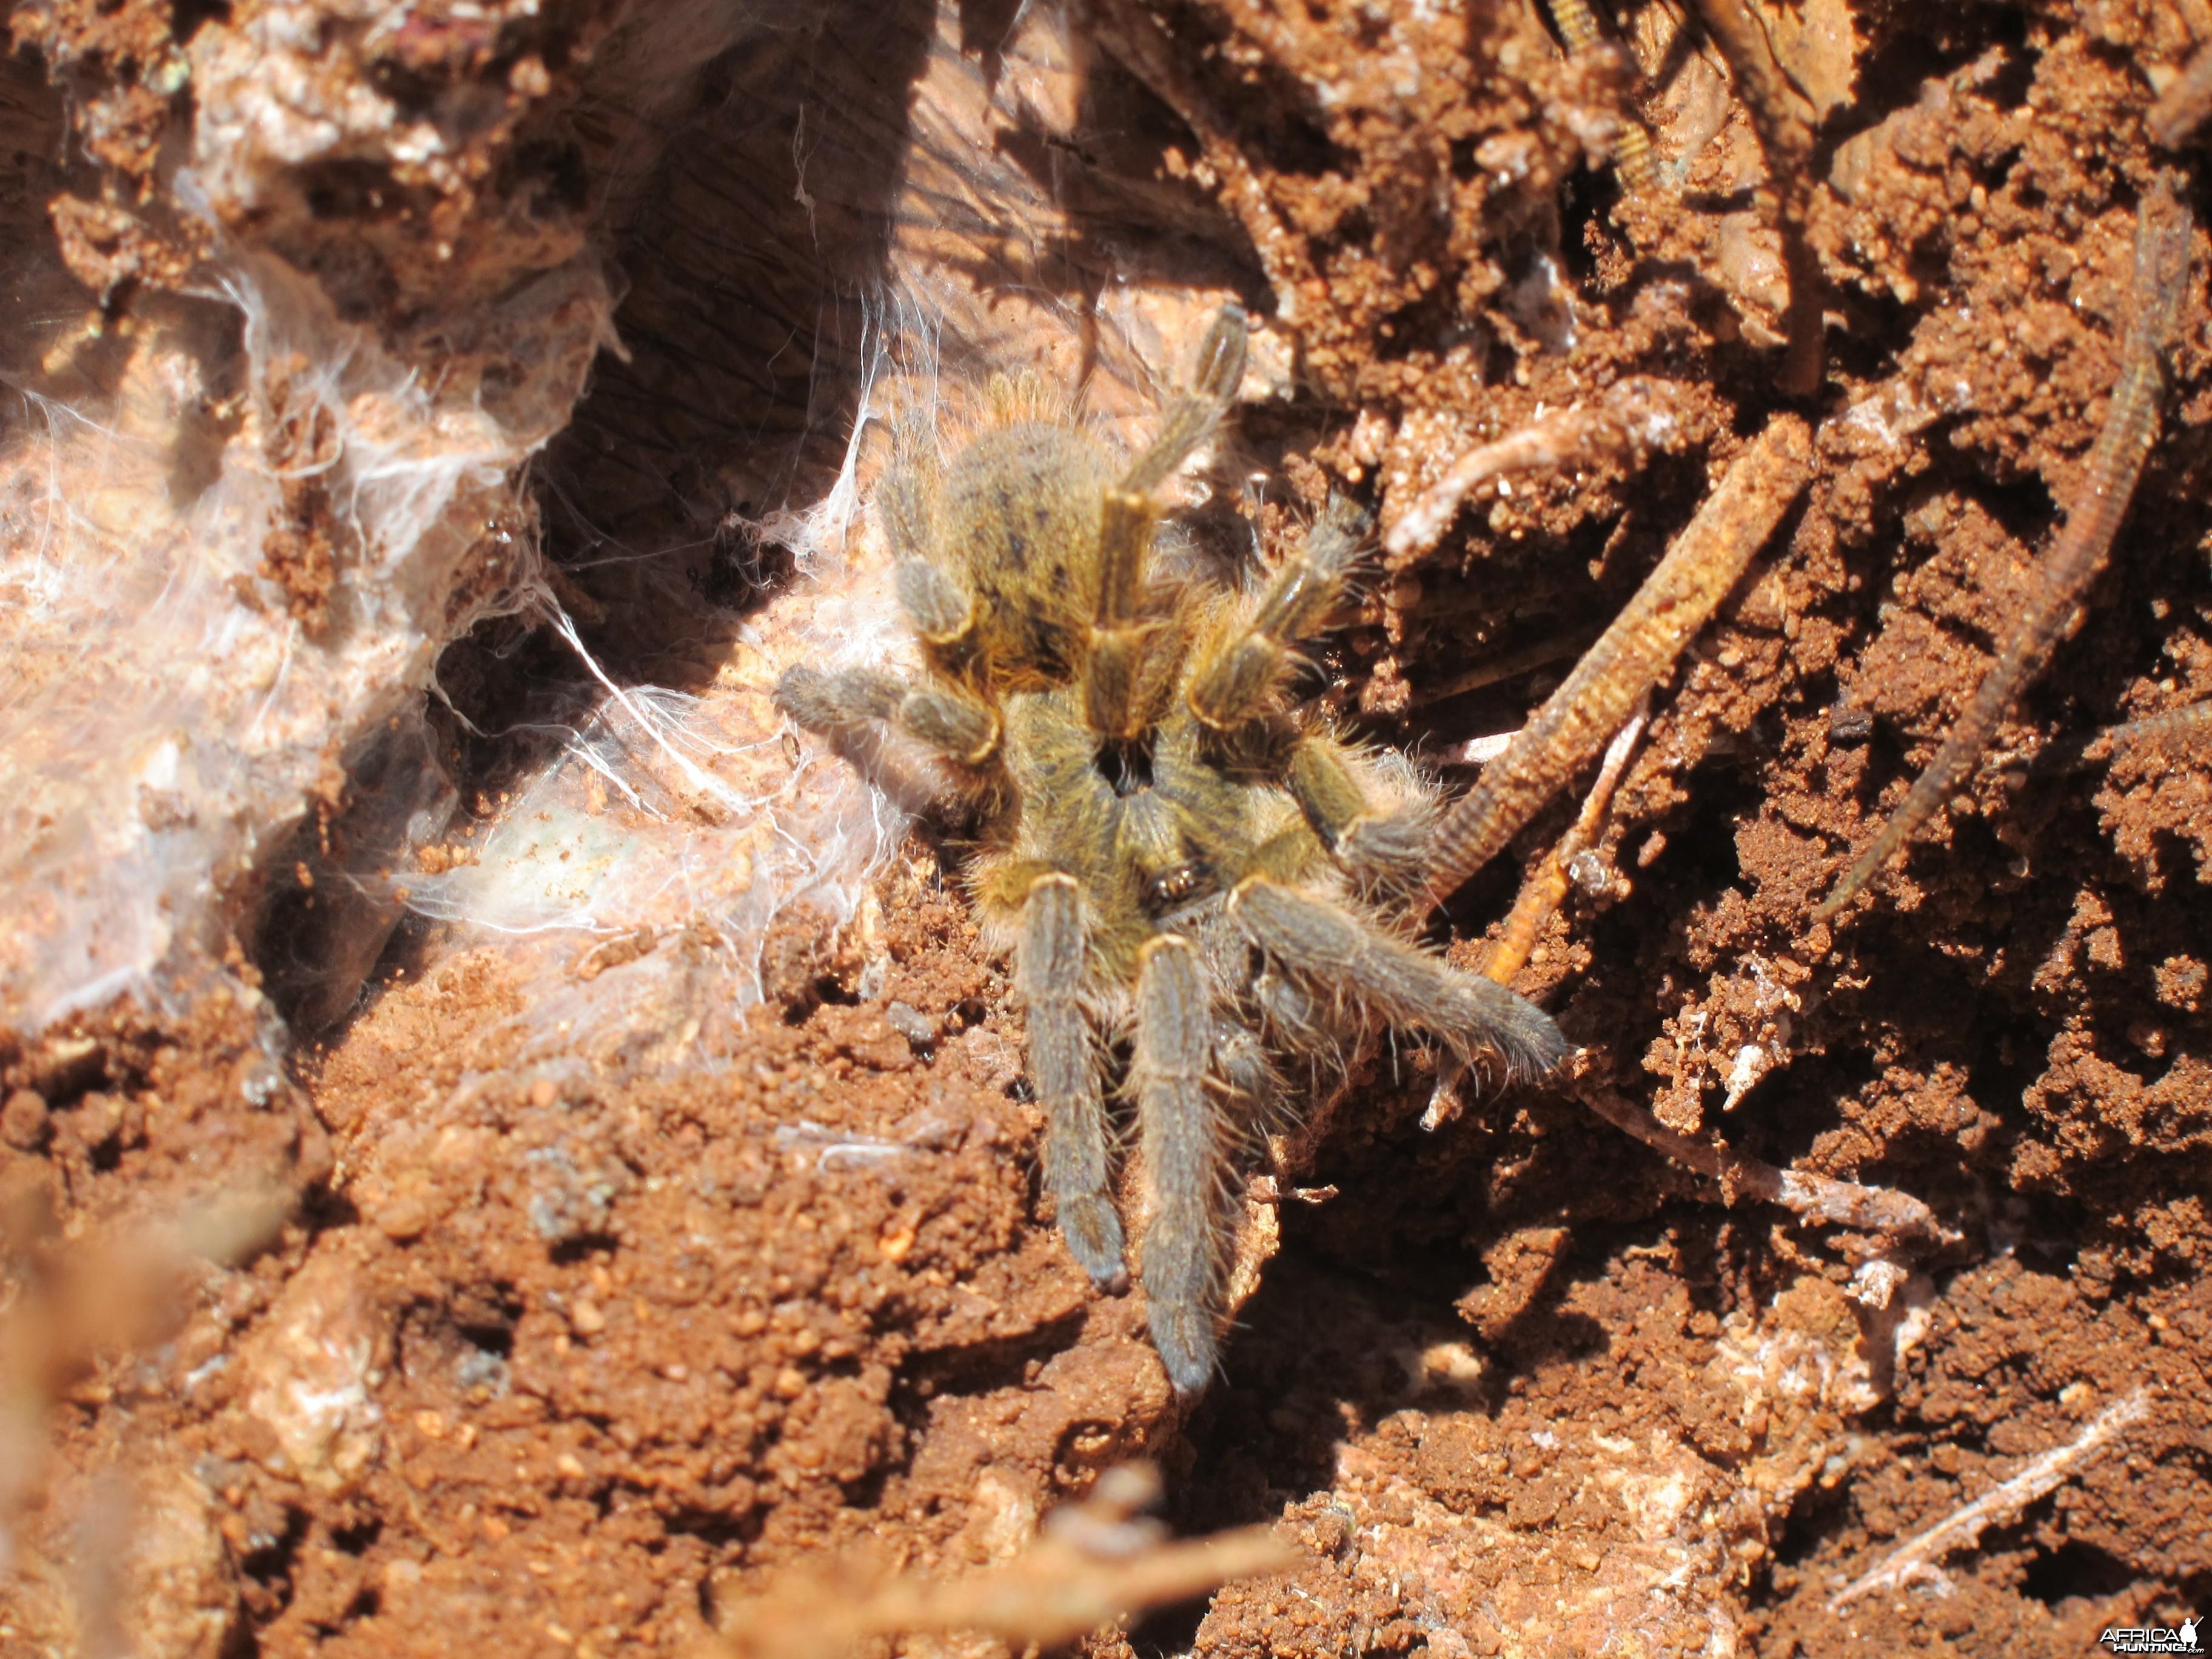 Tarantula Namibia